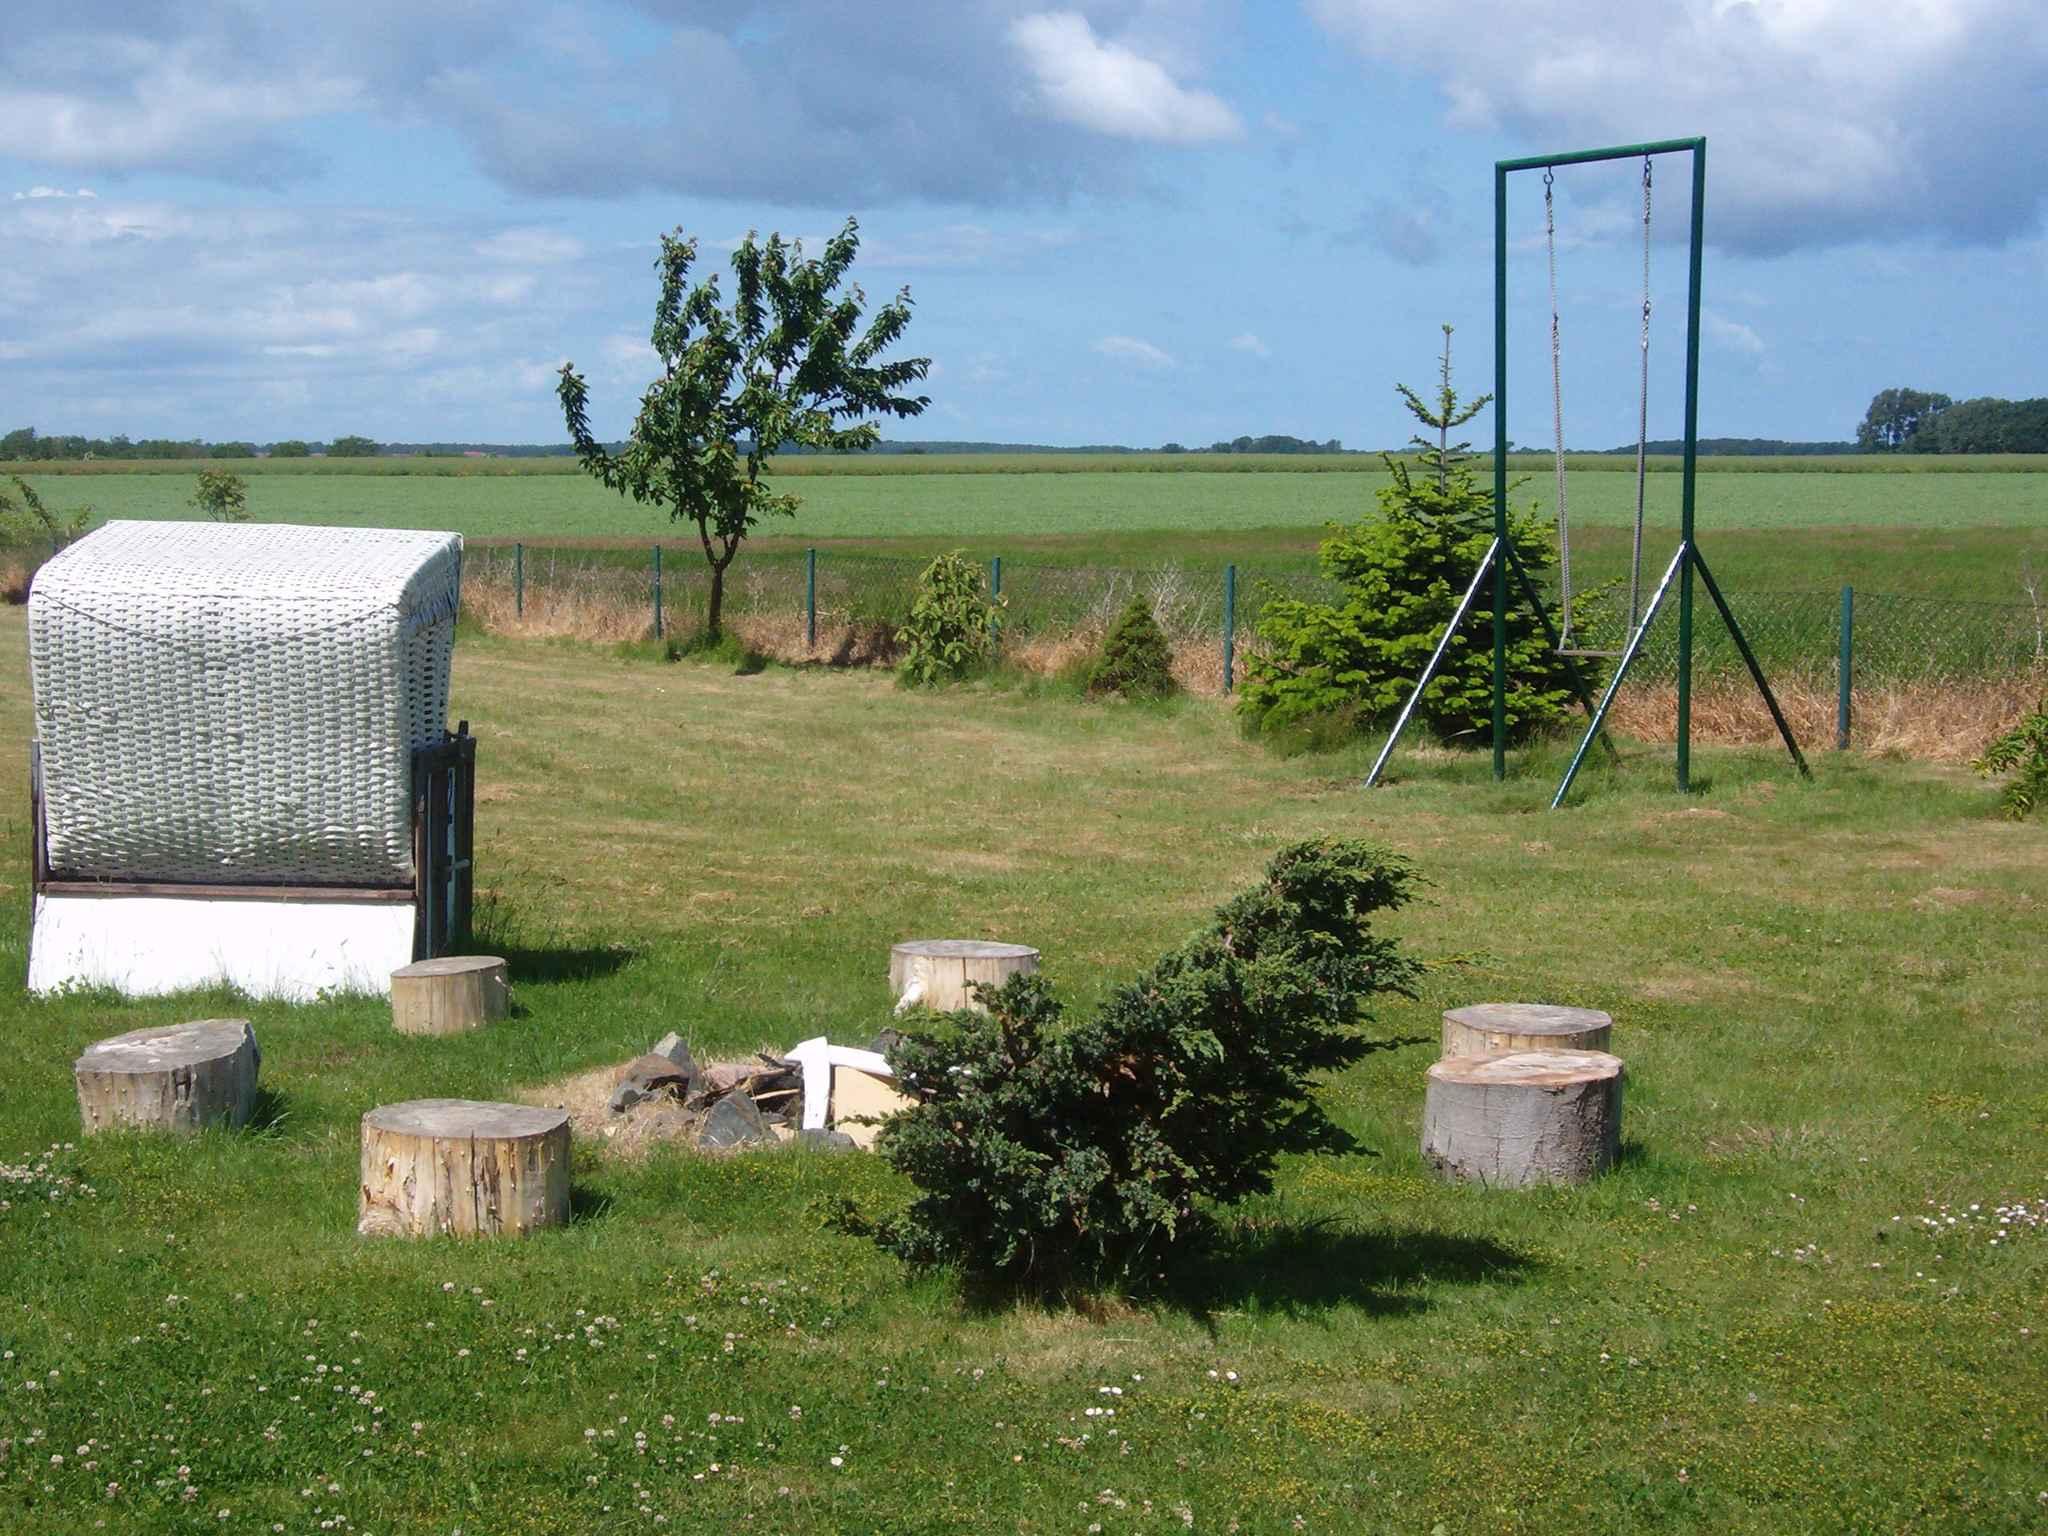 Ferienwohnung mit großem Garten und Lagerfeuerplatz (314517), Altenkirchen, Rügen, Mecklenburg-Vorpommern, Deutschland, Bild 4